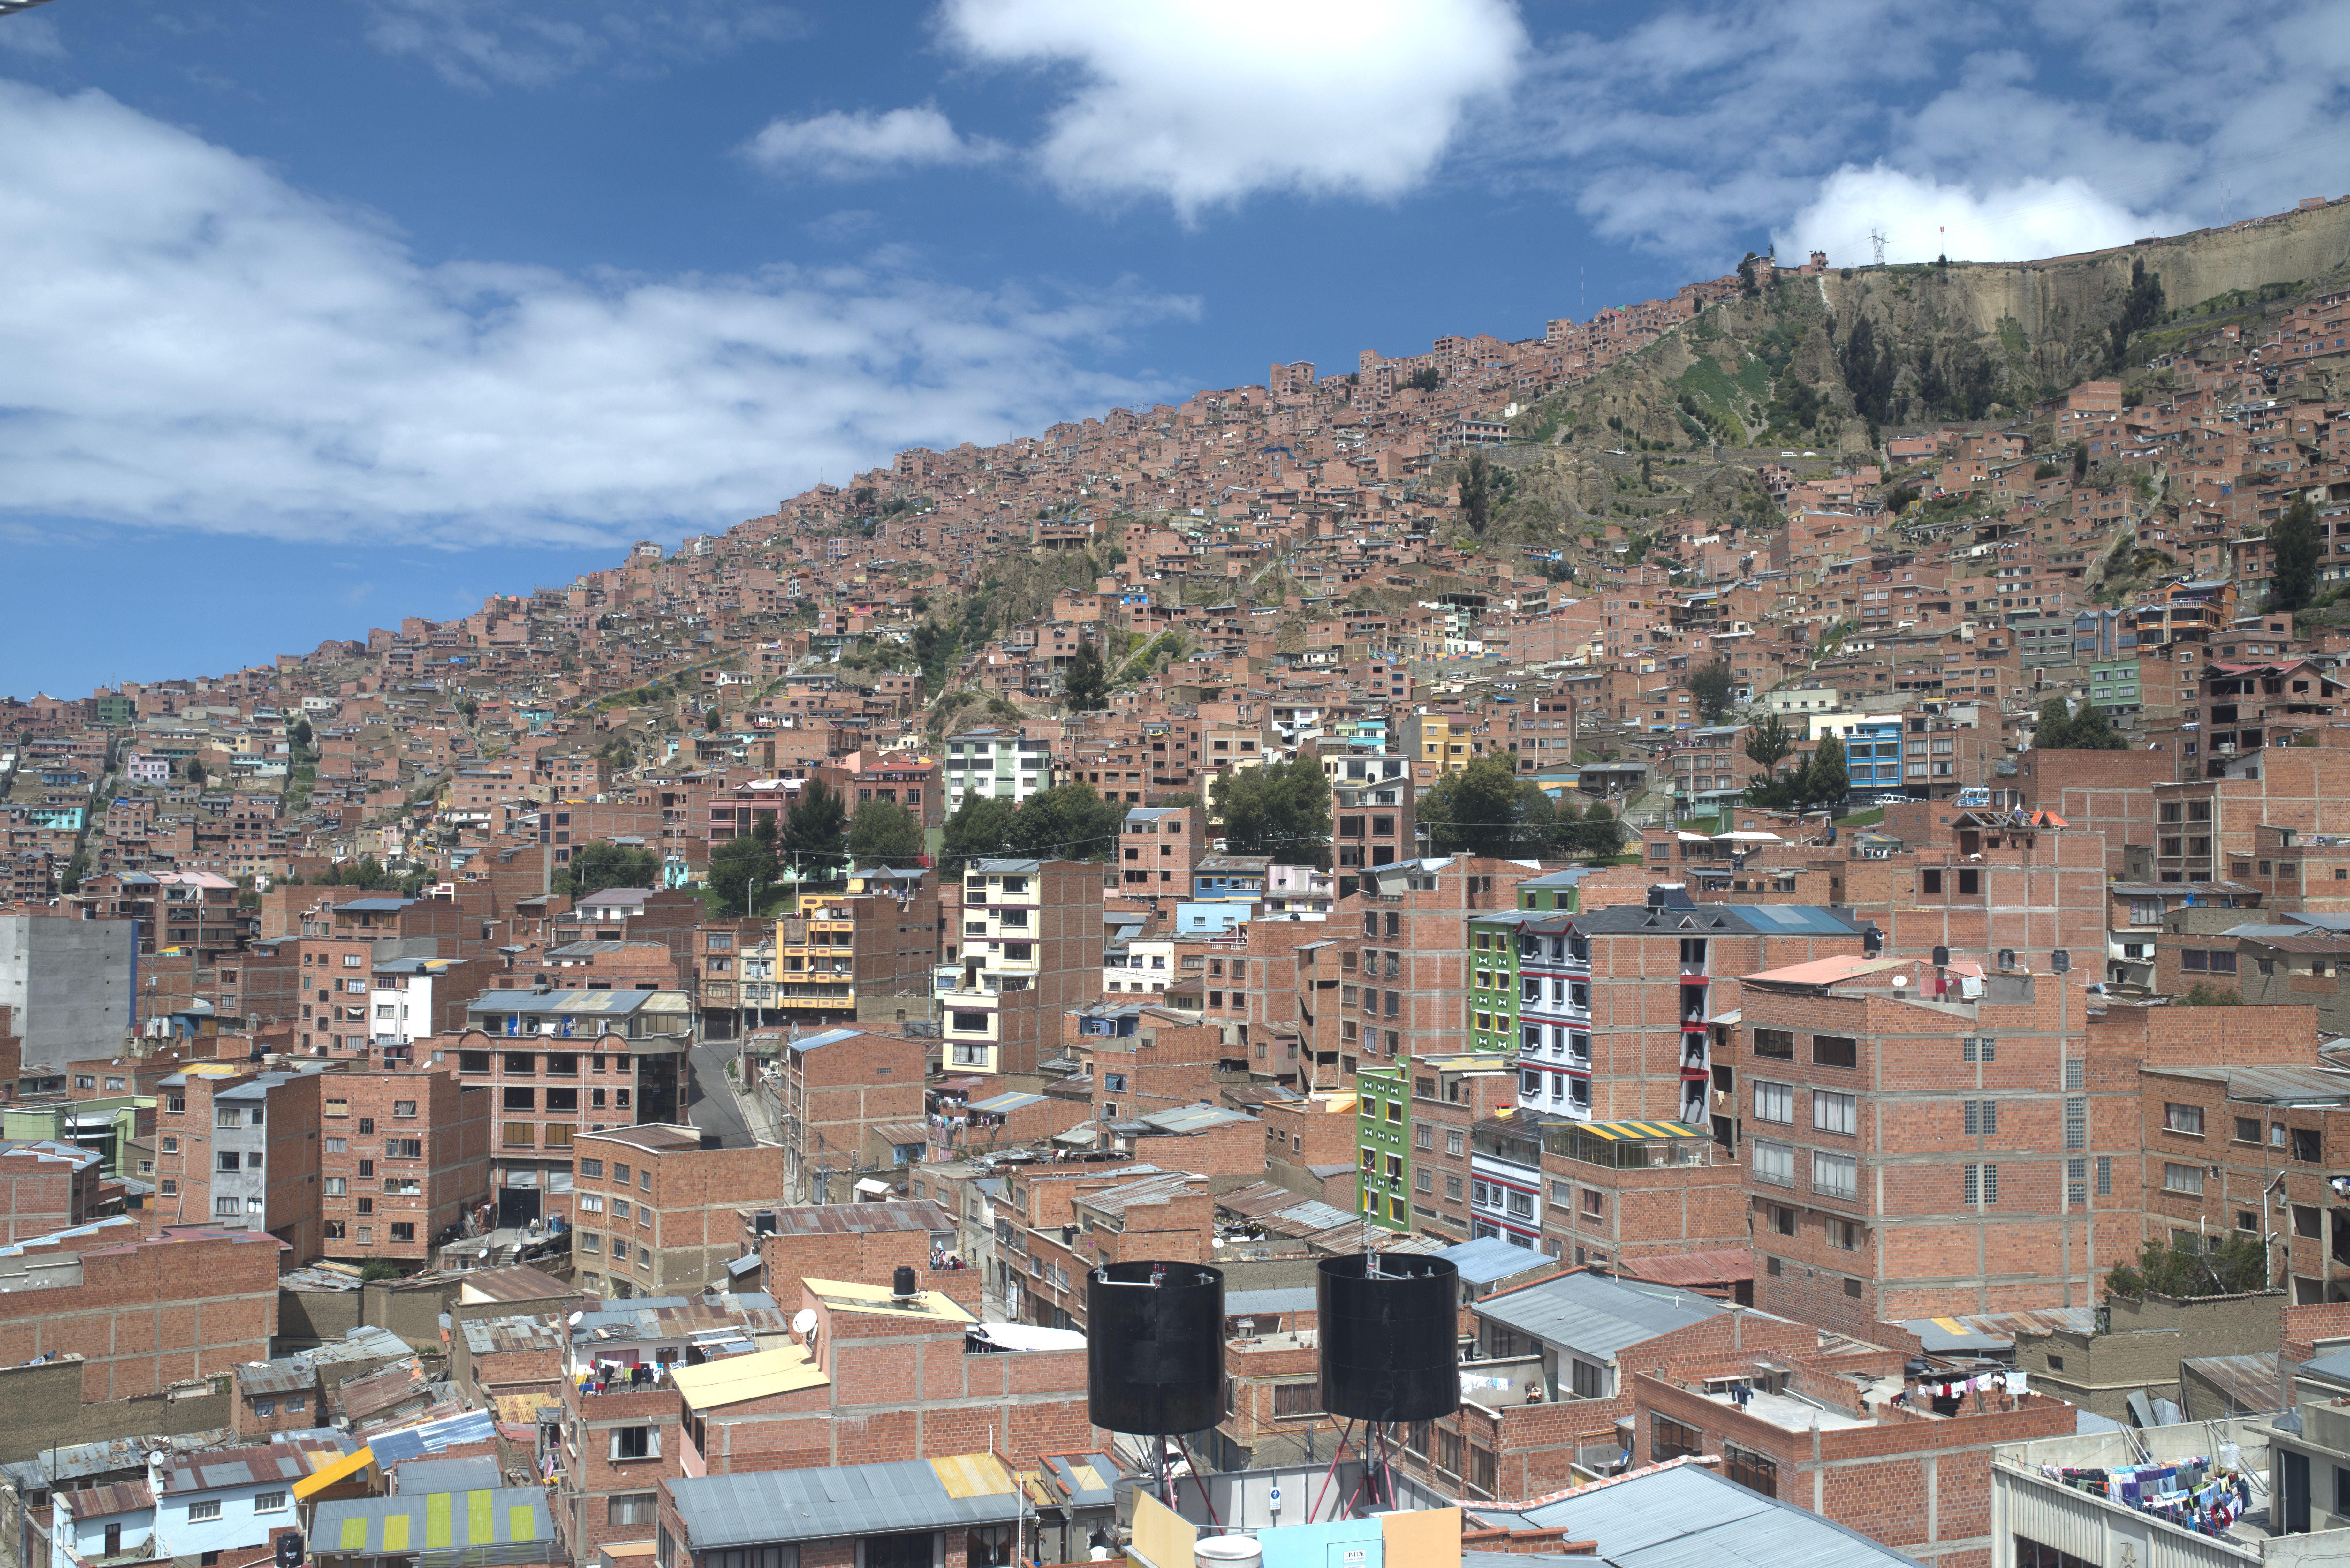 La Paz Teleferico_01